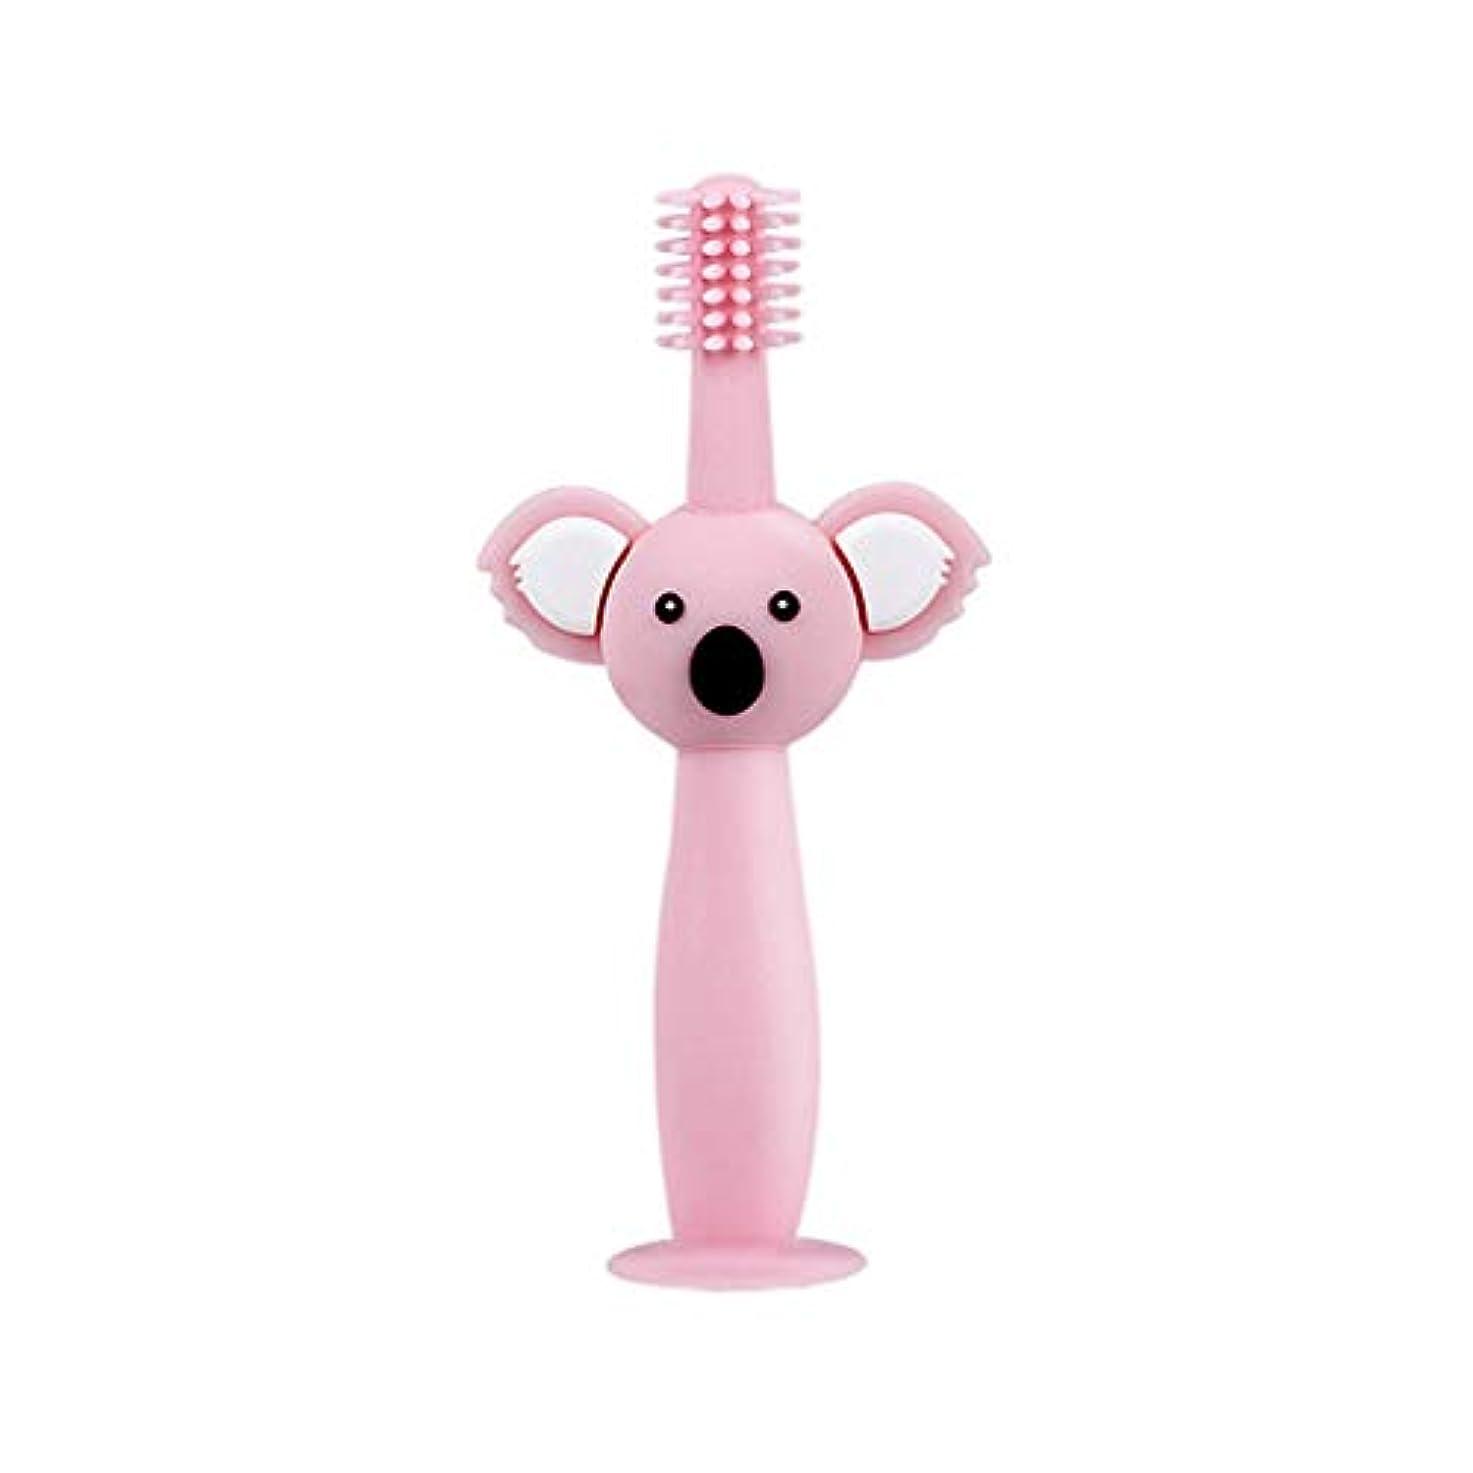 サミットおかしい老朽化したBiuuu 360°赤ちゃん歯ブラシコアラ頭ハンドル幼児ブラッシング歯トレーニング安全なデザインソフト健康シリコーン幼児口腔ケア (ピンク)